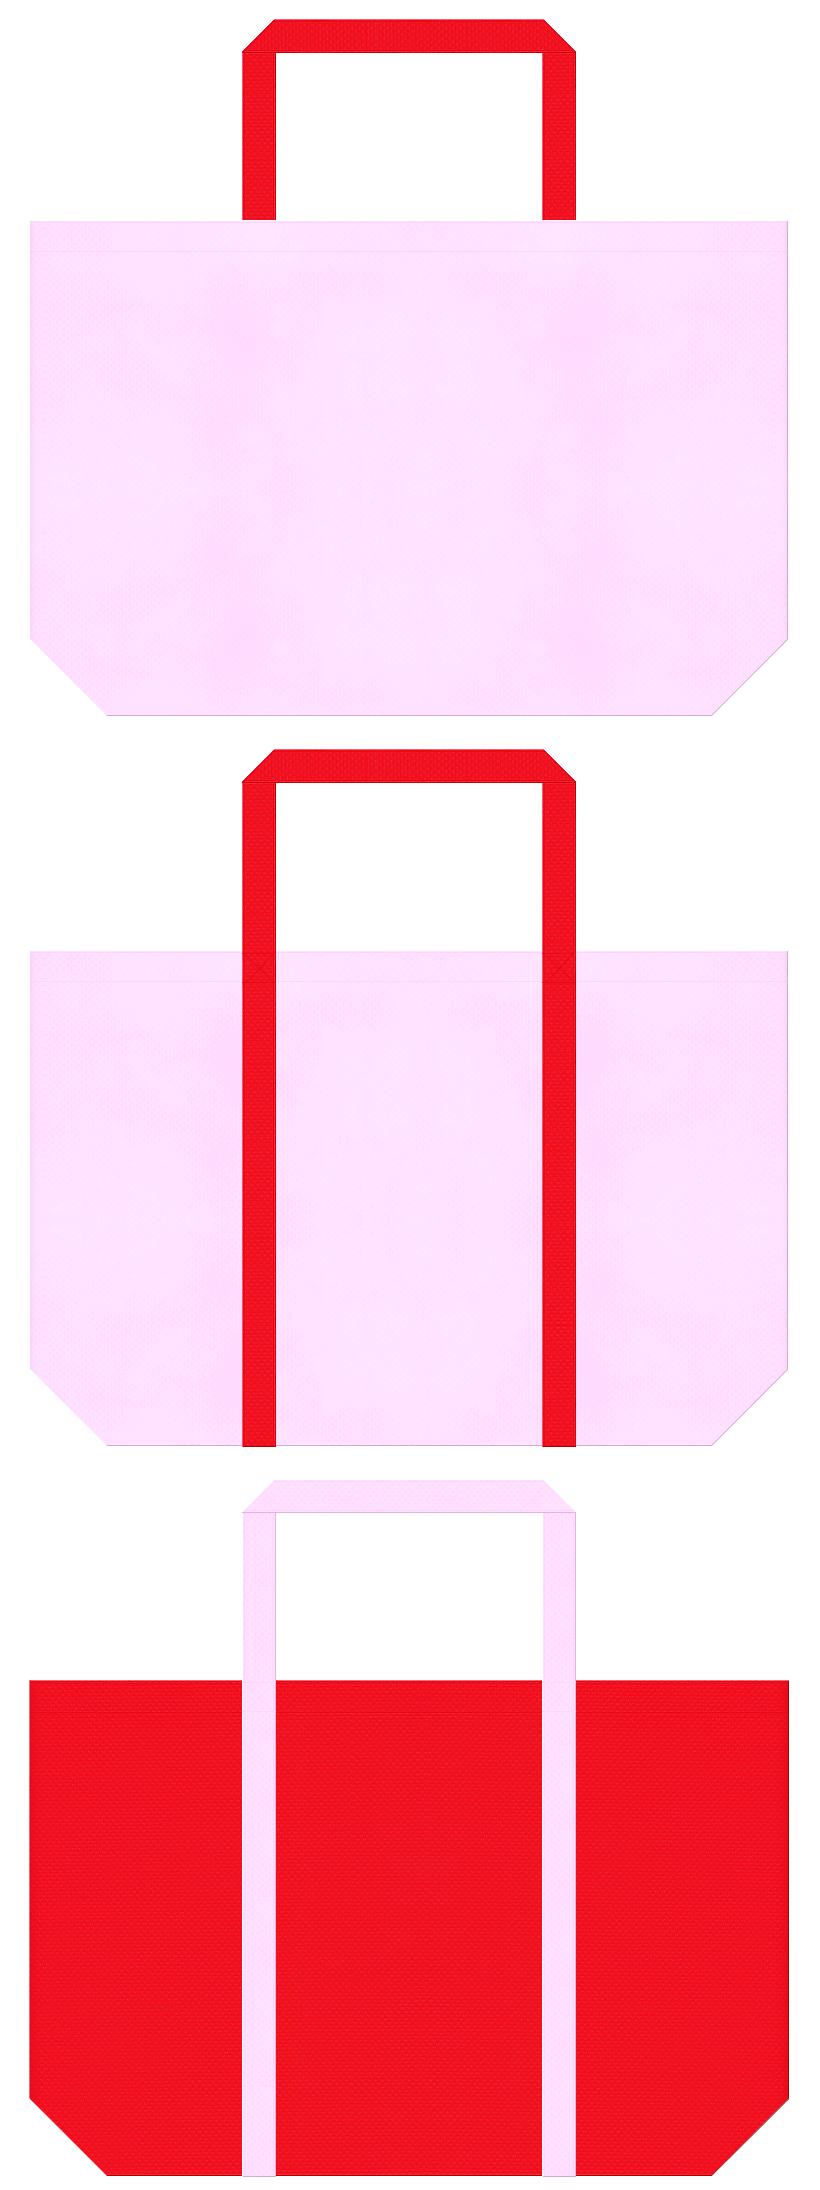 いちご大福・バレンタイン・ひな祭り・カーネーション・母の日・お正月・和風催事にお奨めの不織布バッグデザイン:明るいピンク色と赤色のコーデ